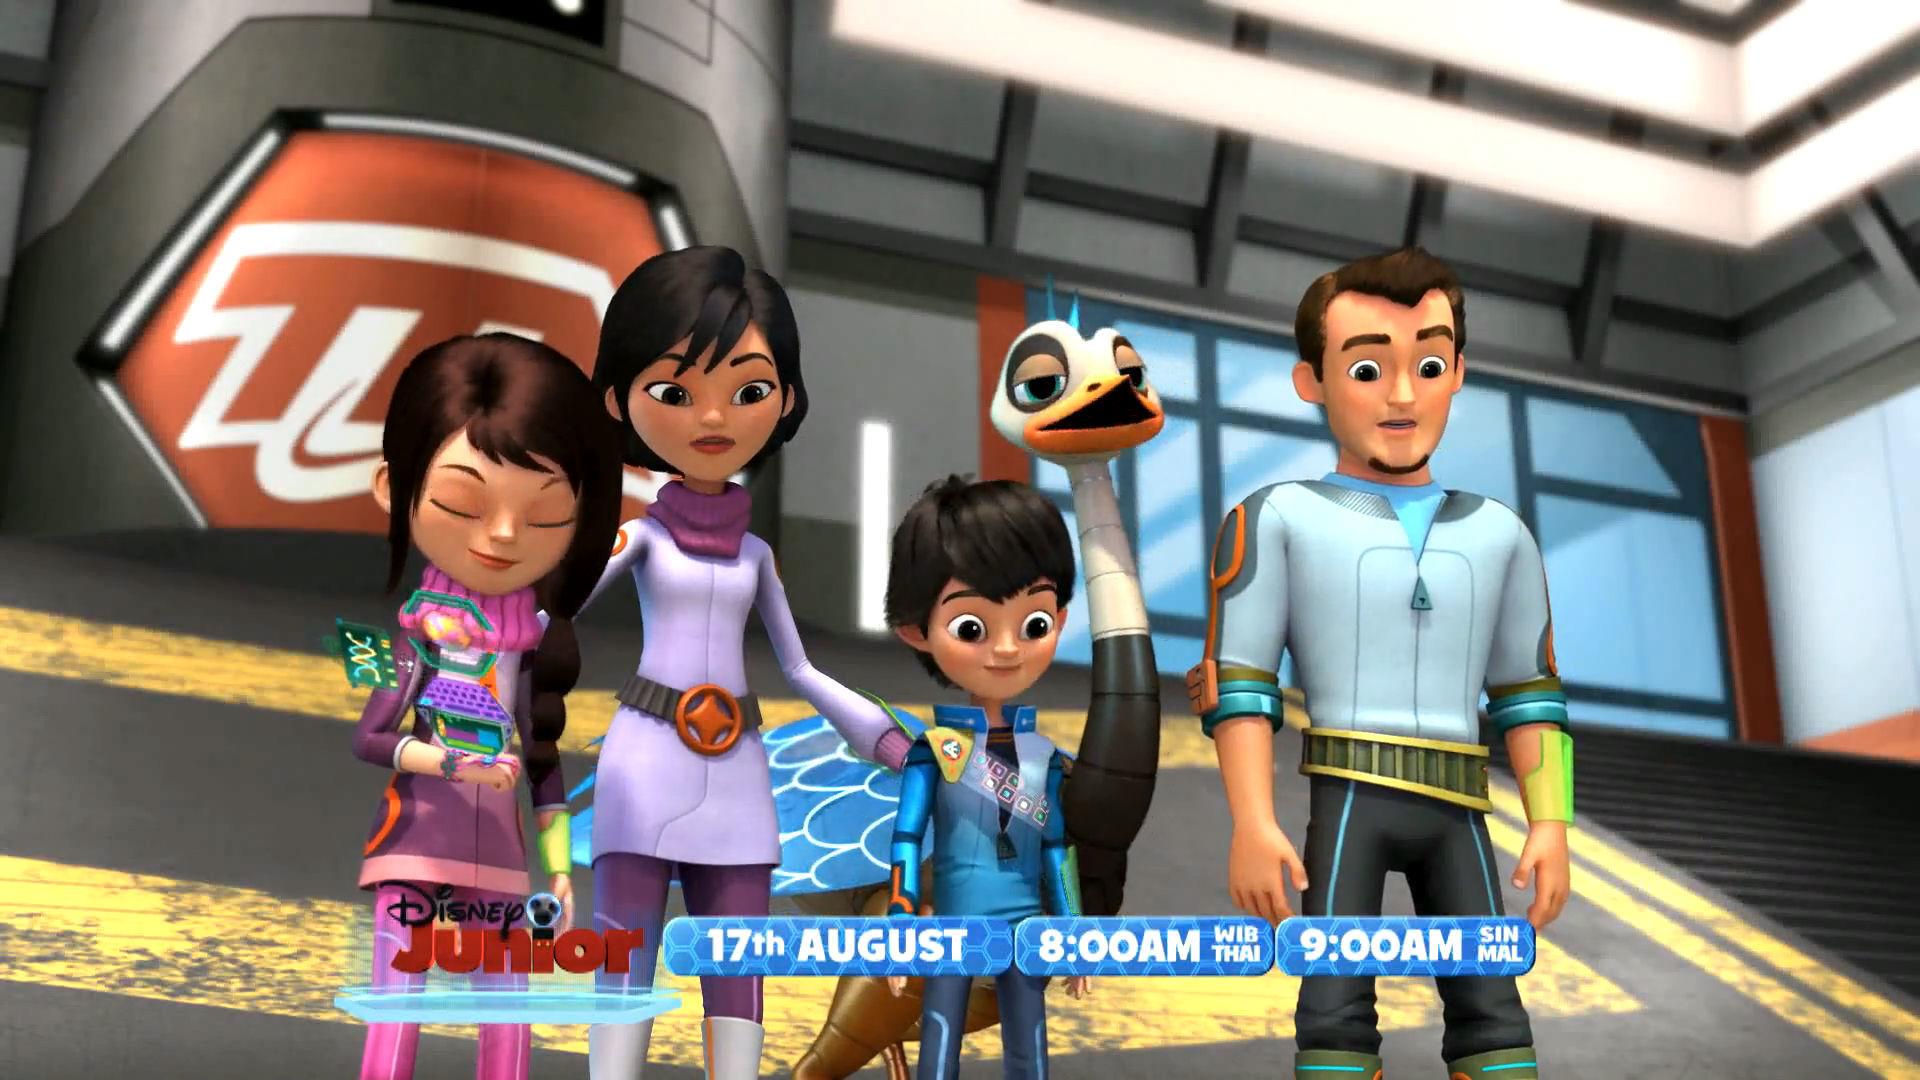 Disney Junior's Space Adventurers